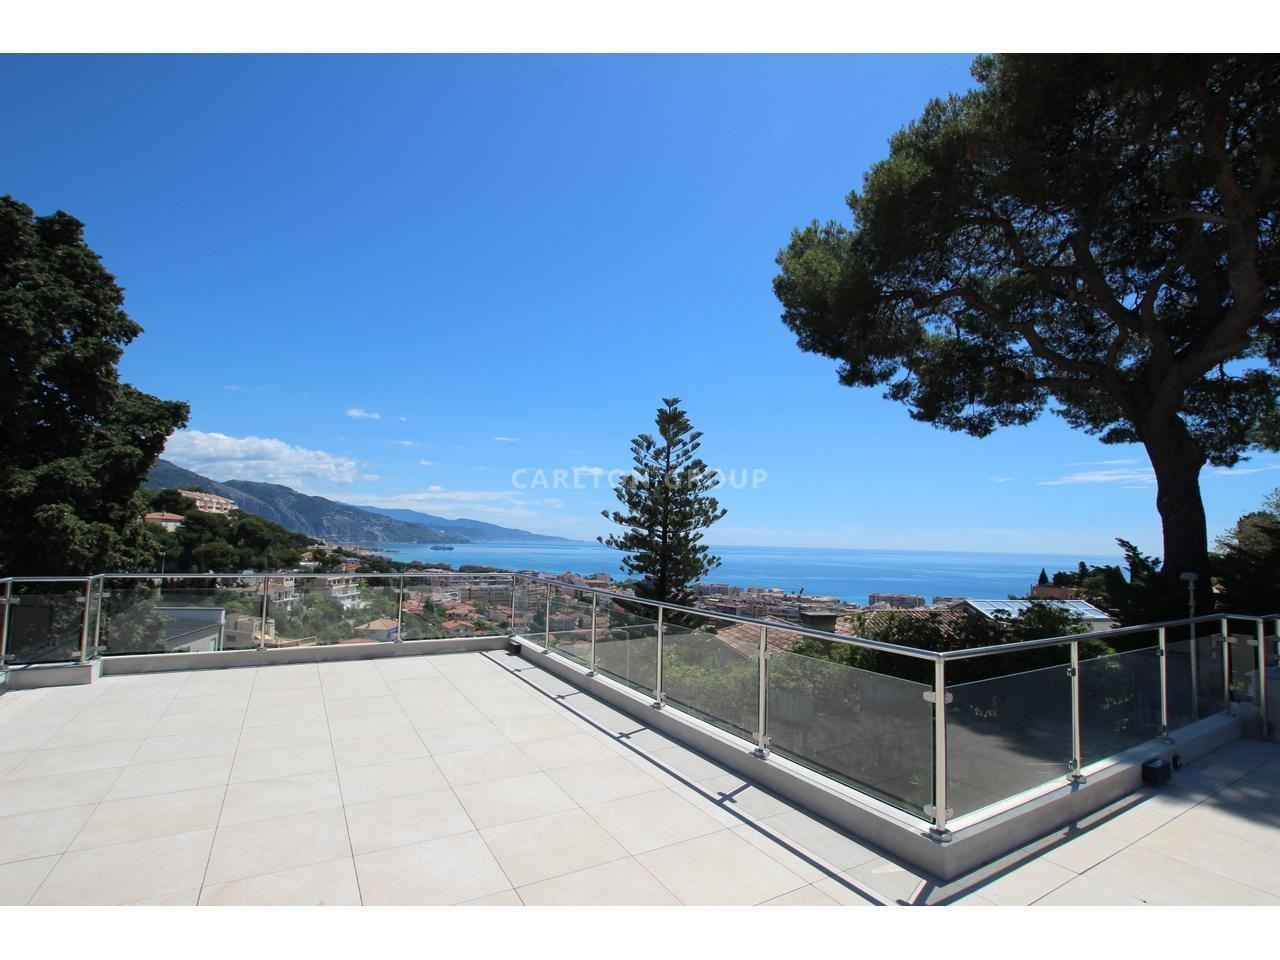 Vente Villa à Roquebrune-Cap-Martin  - 4 900 000 € - Carlton International